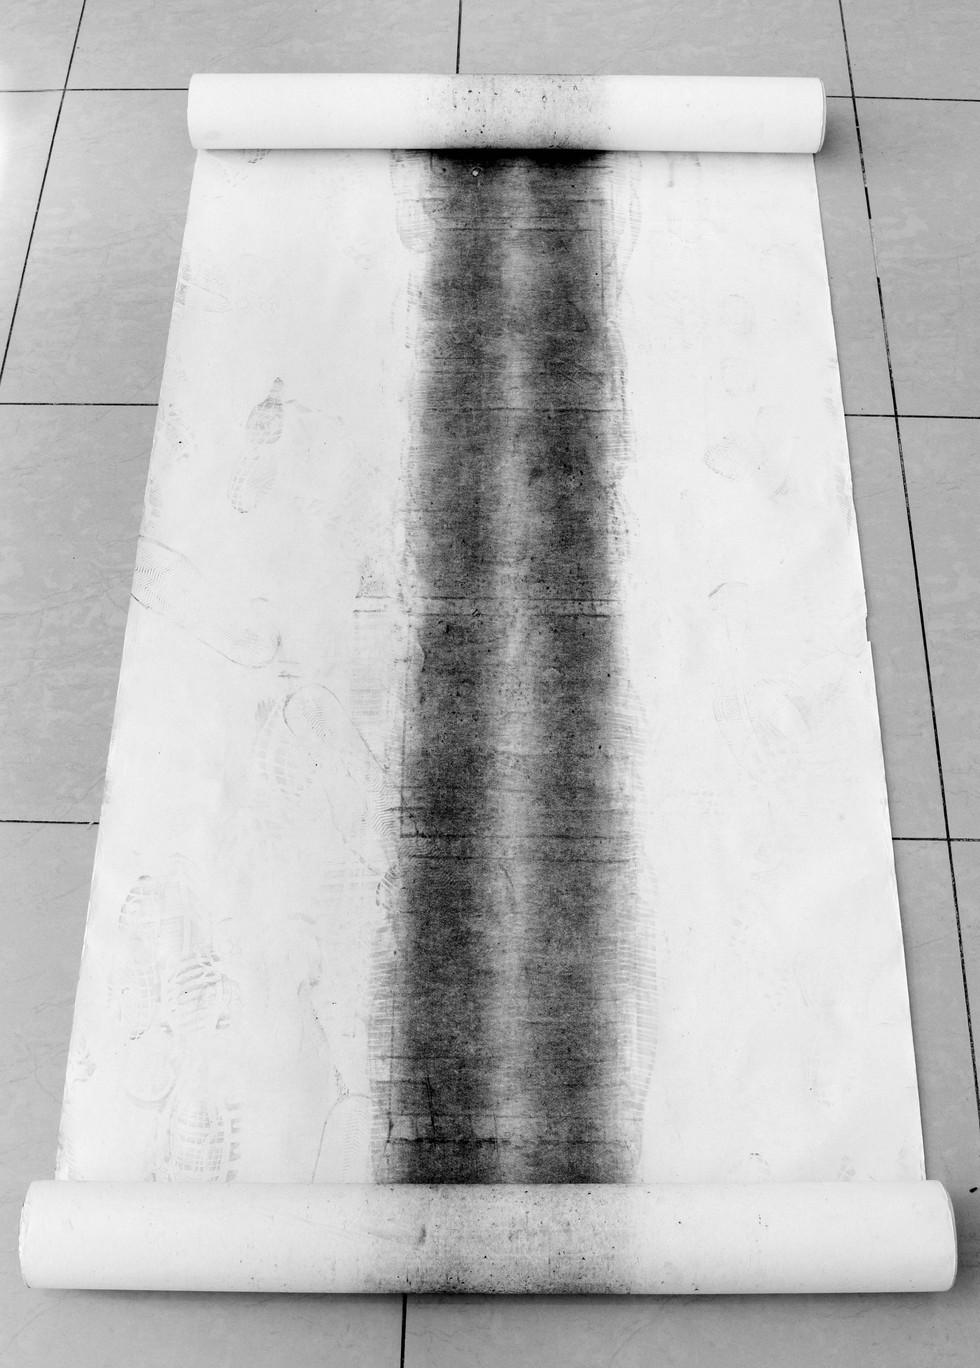 Vista rollo de papel